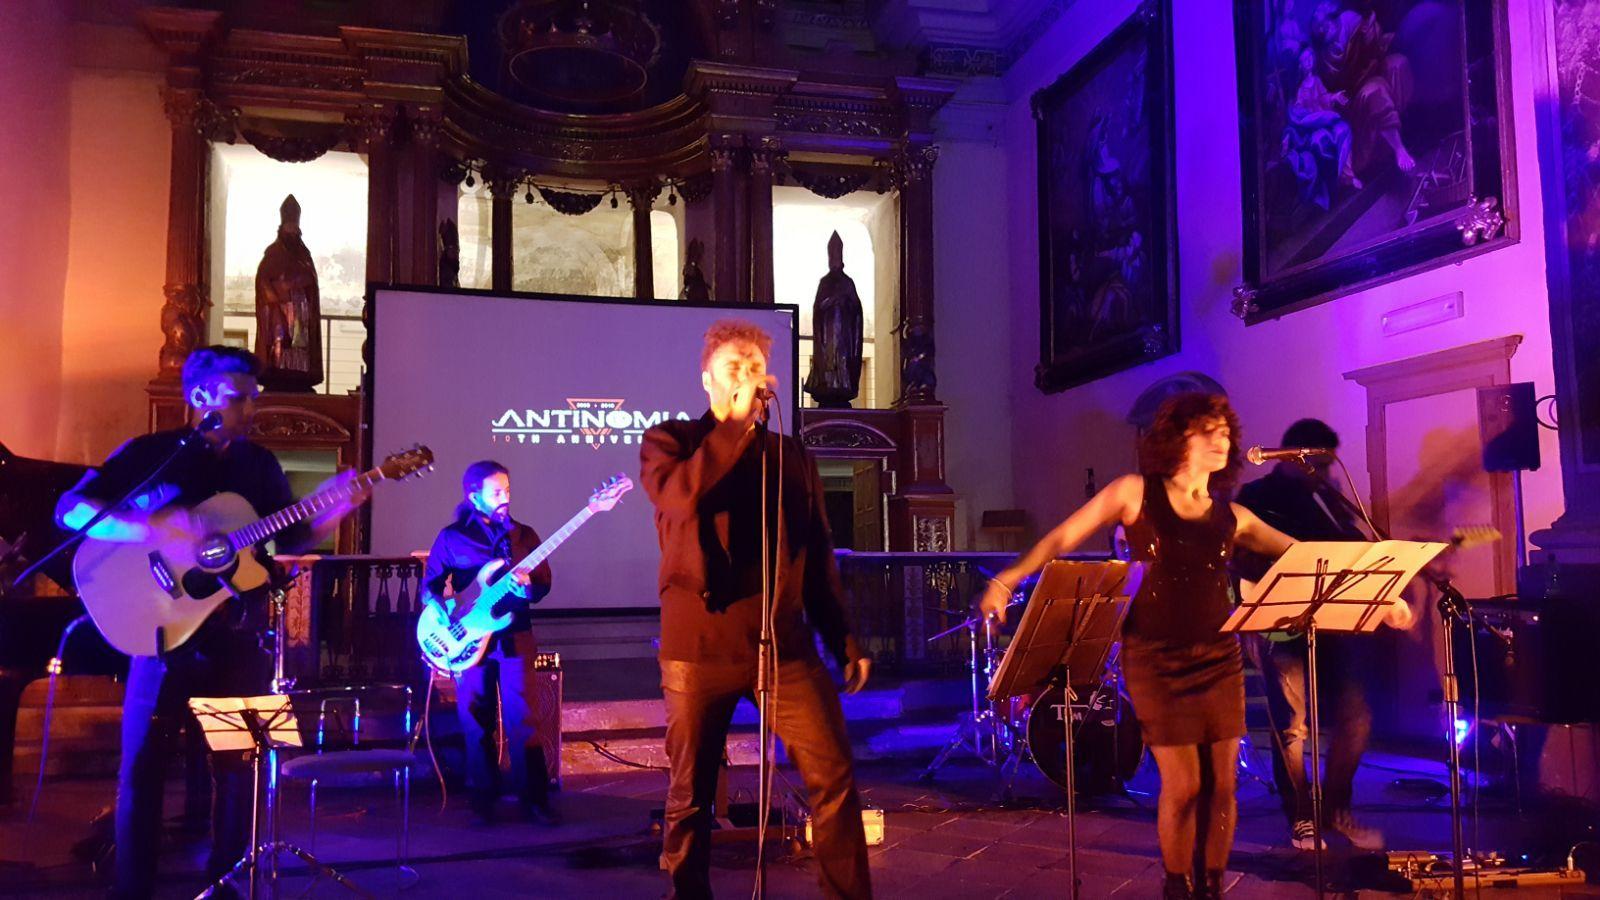 CUORGNE' - Gli Antinomia hanno festeggiato i primi dieci anni di musica - FOTO e VIDEO